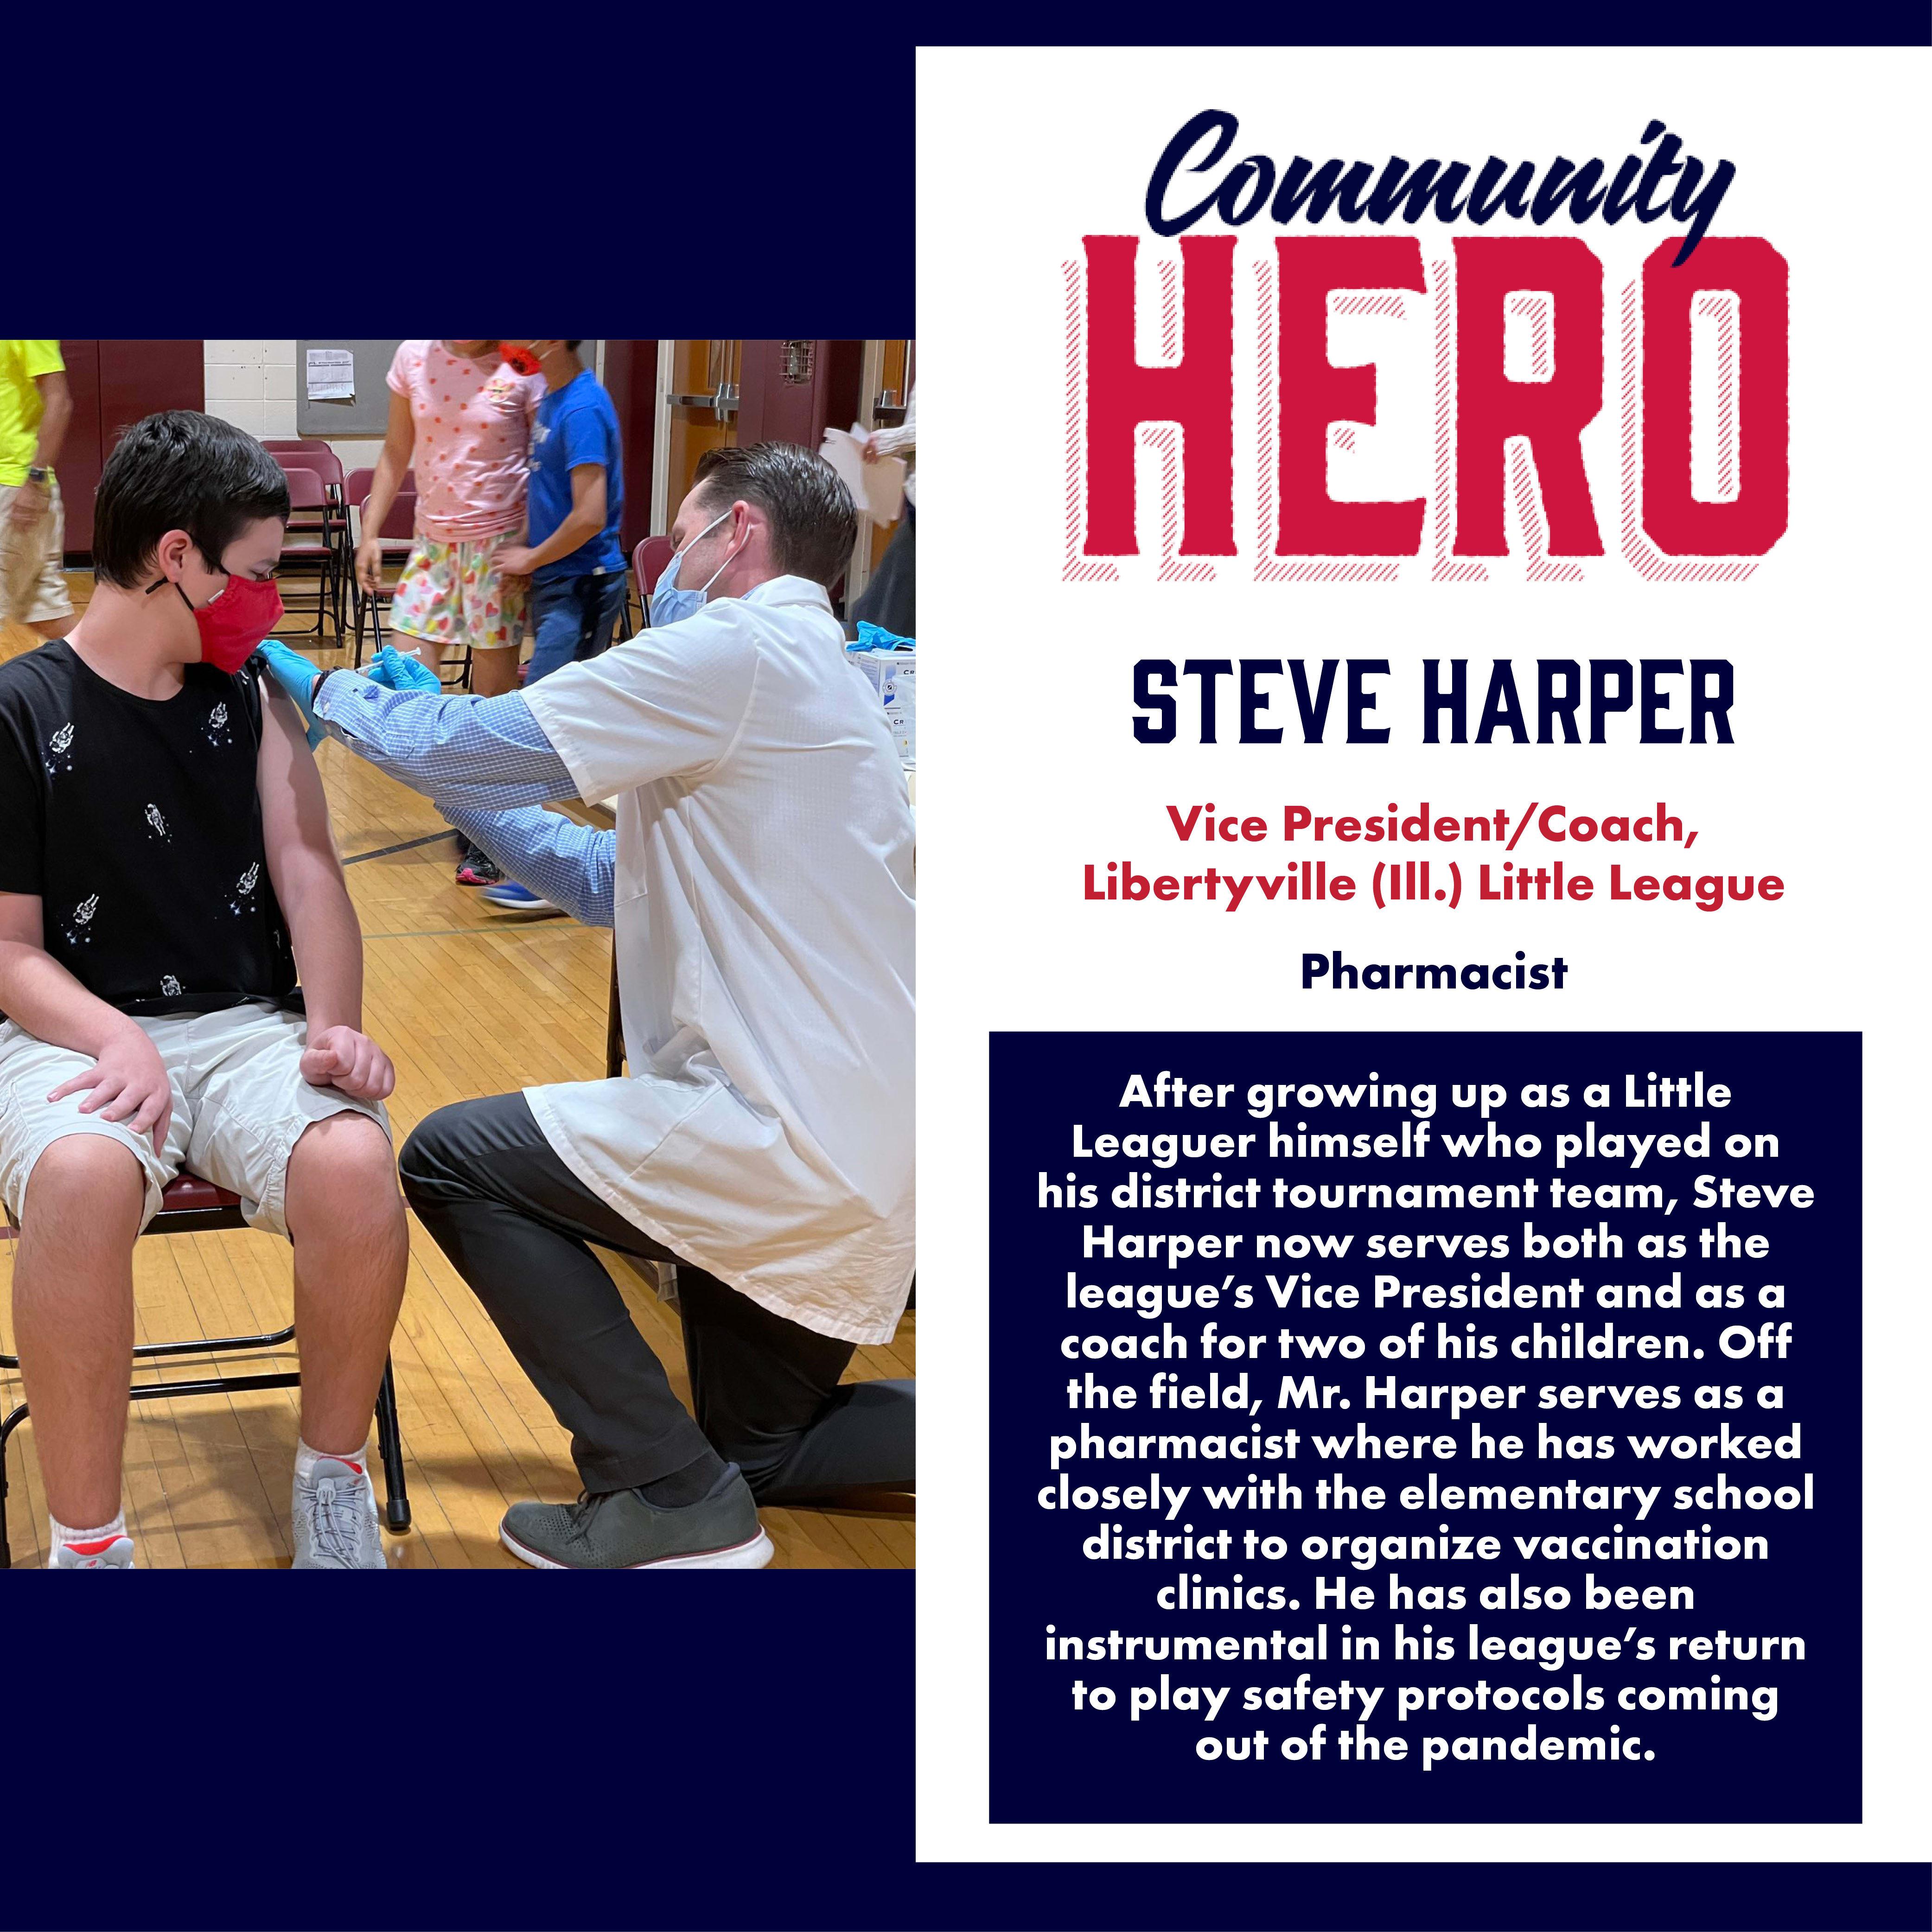 Steve Harper Community Hero